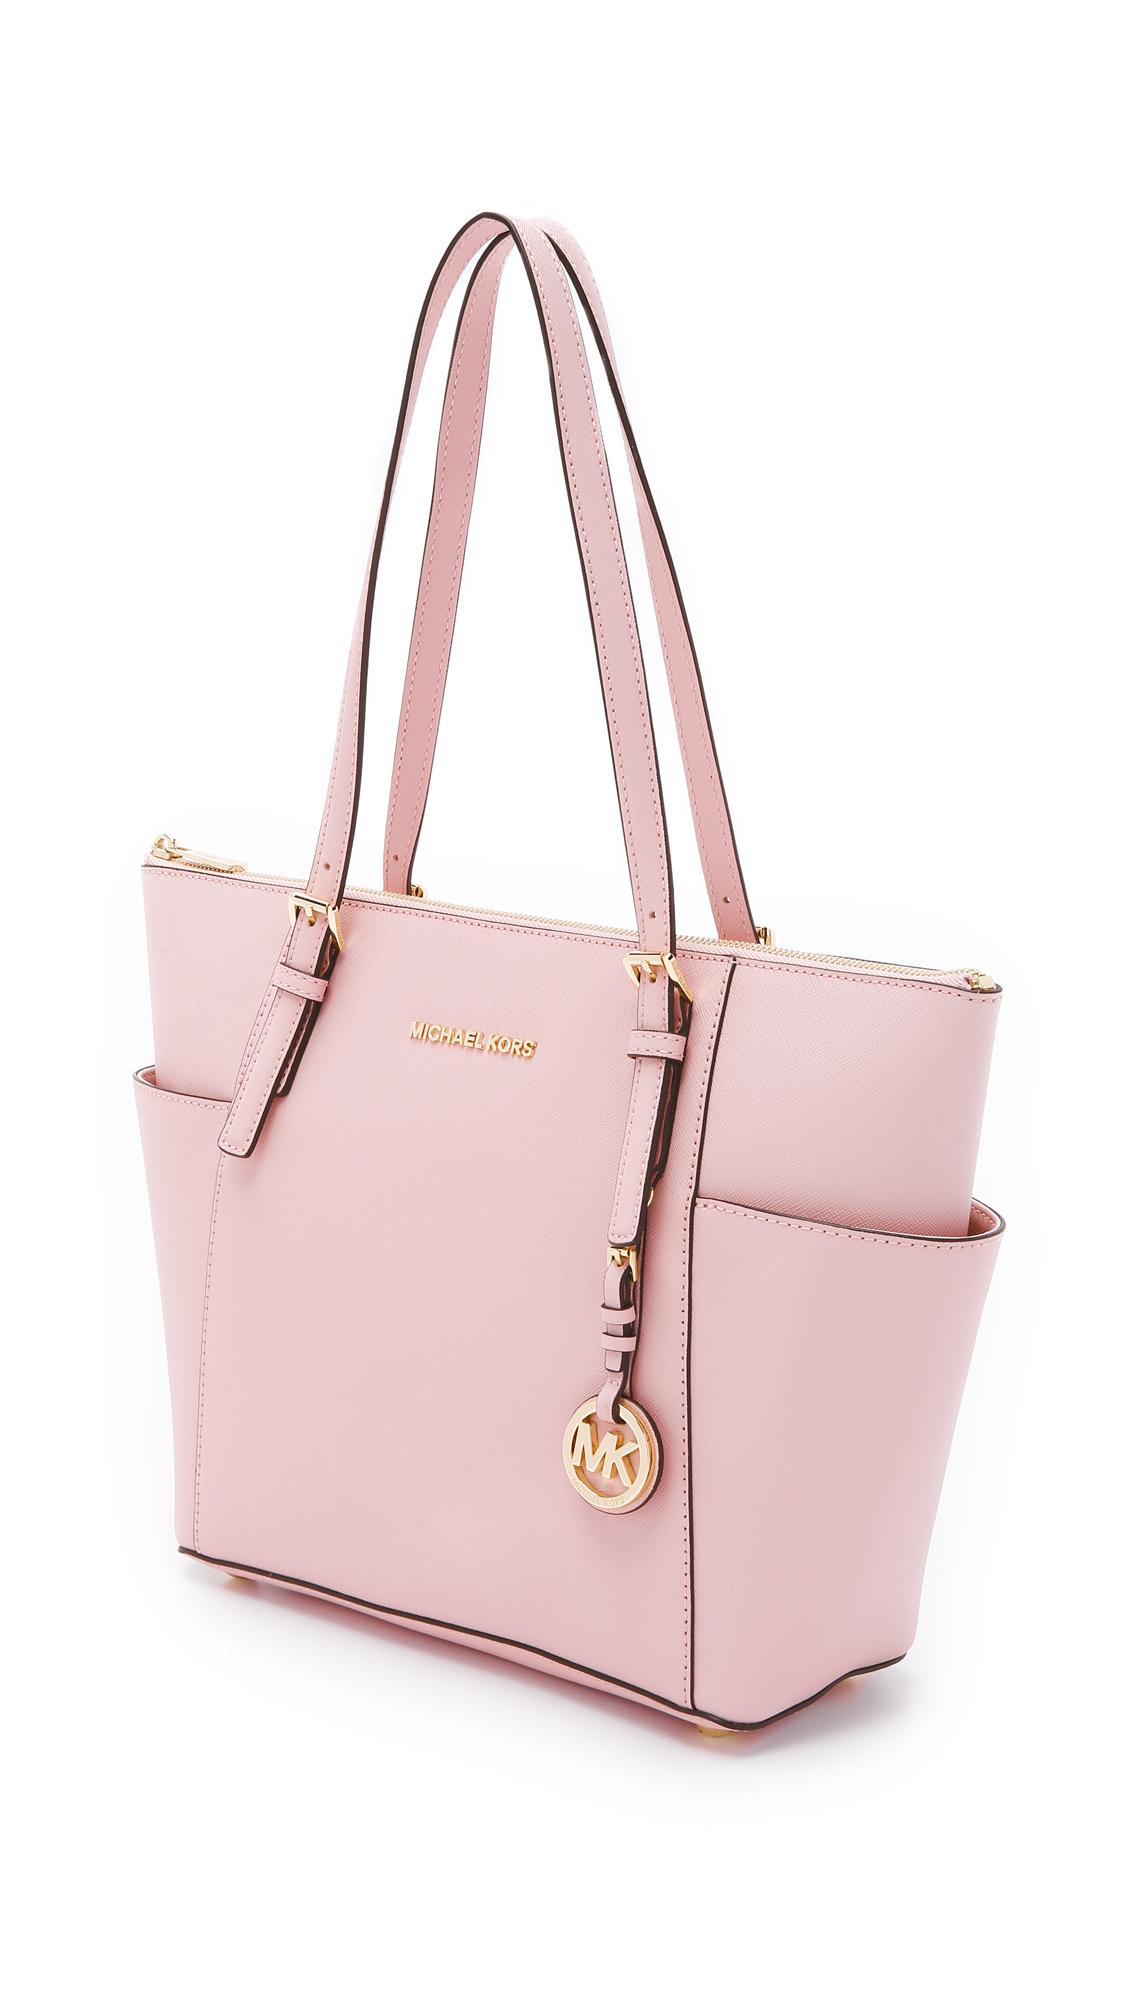 13db8f81c43c ... shop lyst michael michael kors jet set top zip saffiano tote bag in  pink 761e3 02e7e